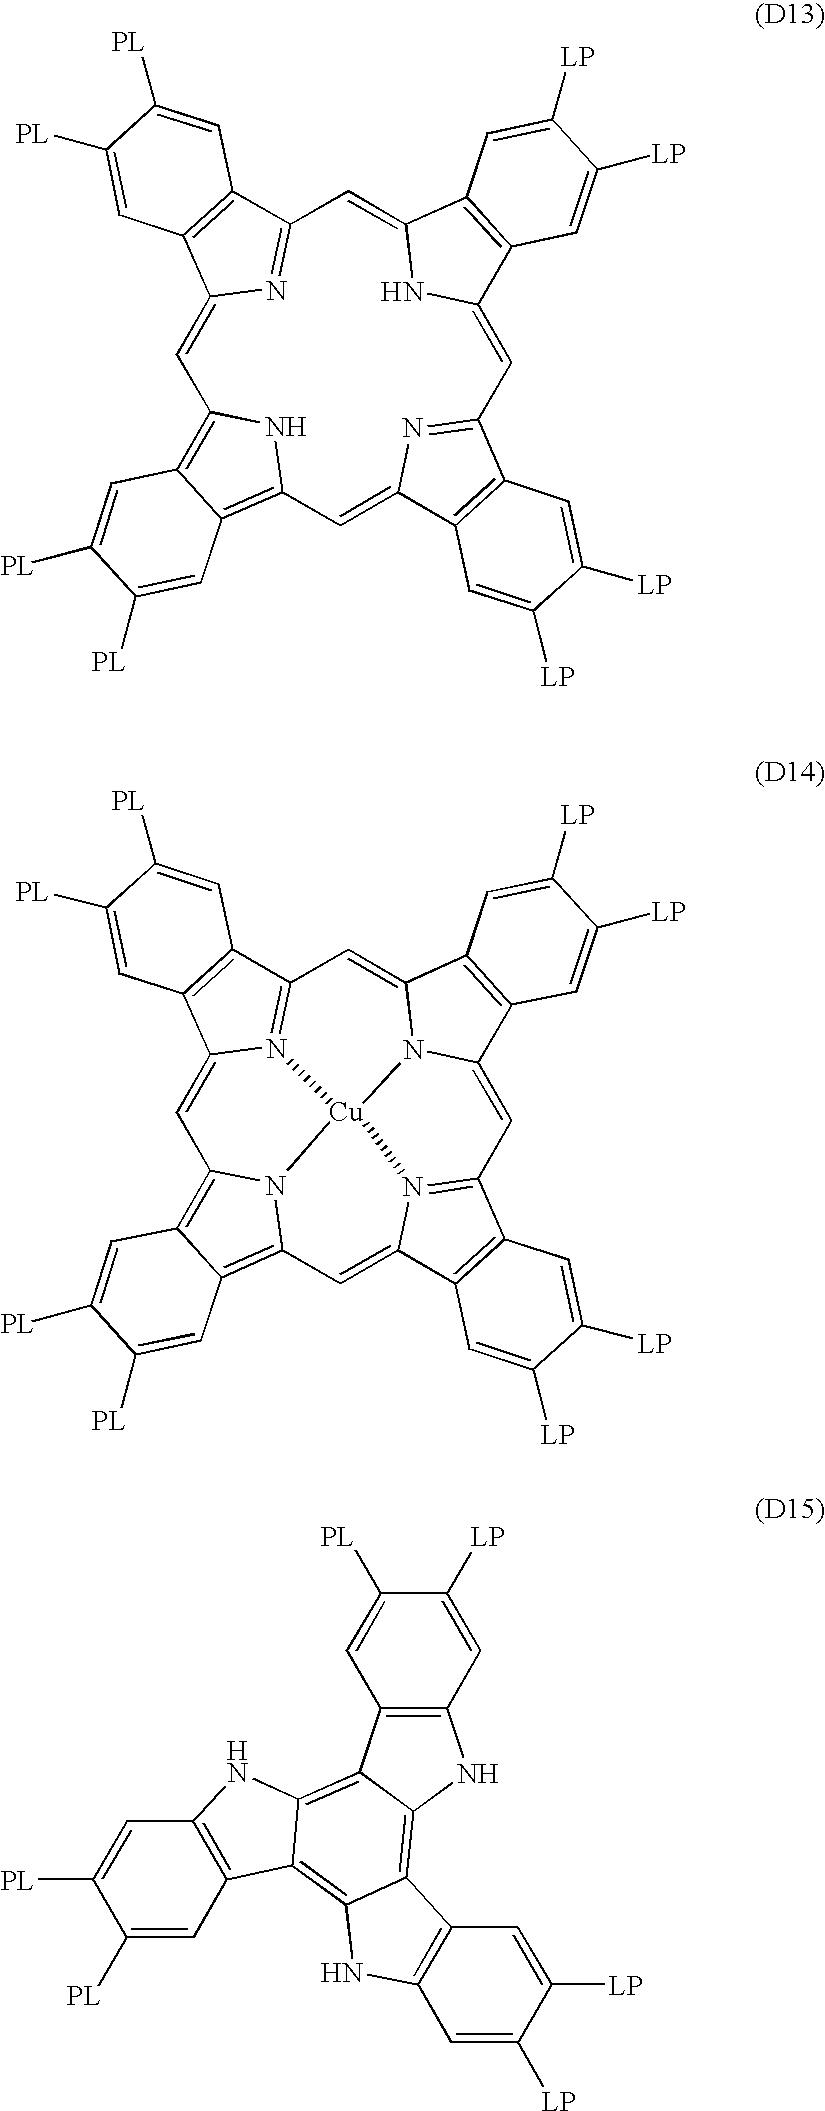 Figure US20090066883A1-20090312-C00004